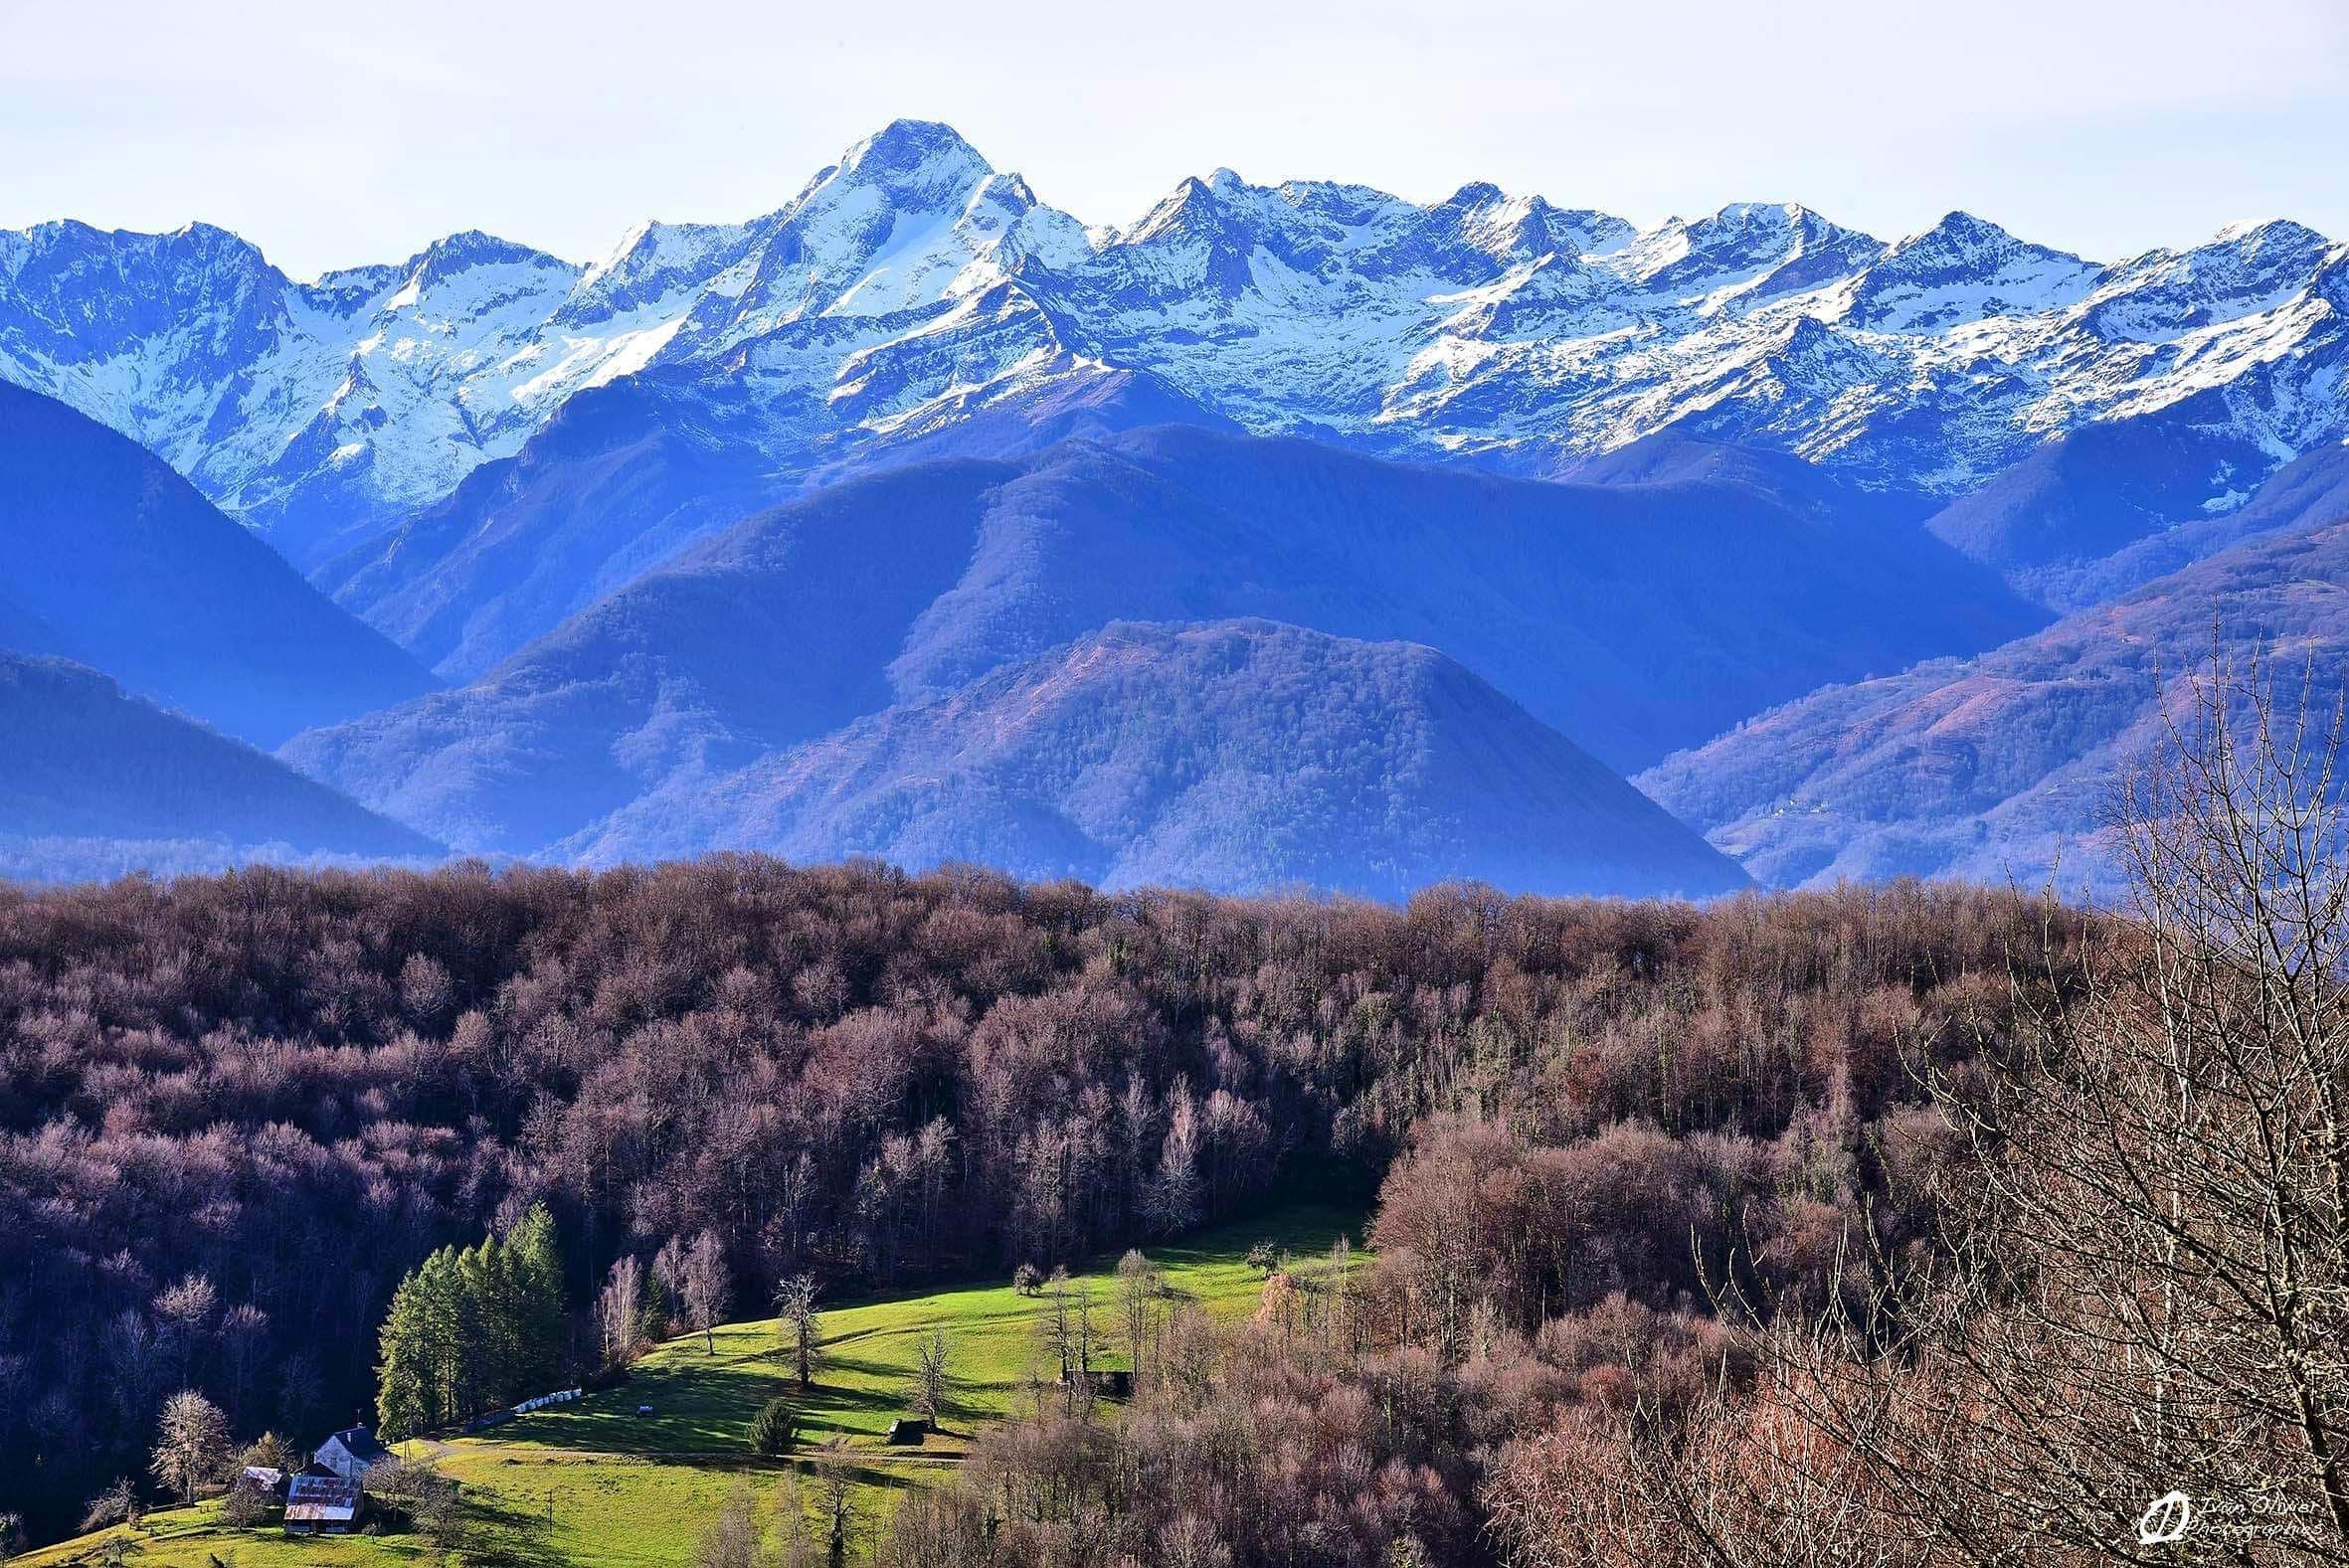 GC - mont valier depuis l'altiport de joubac - ariege - decembre 2018